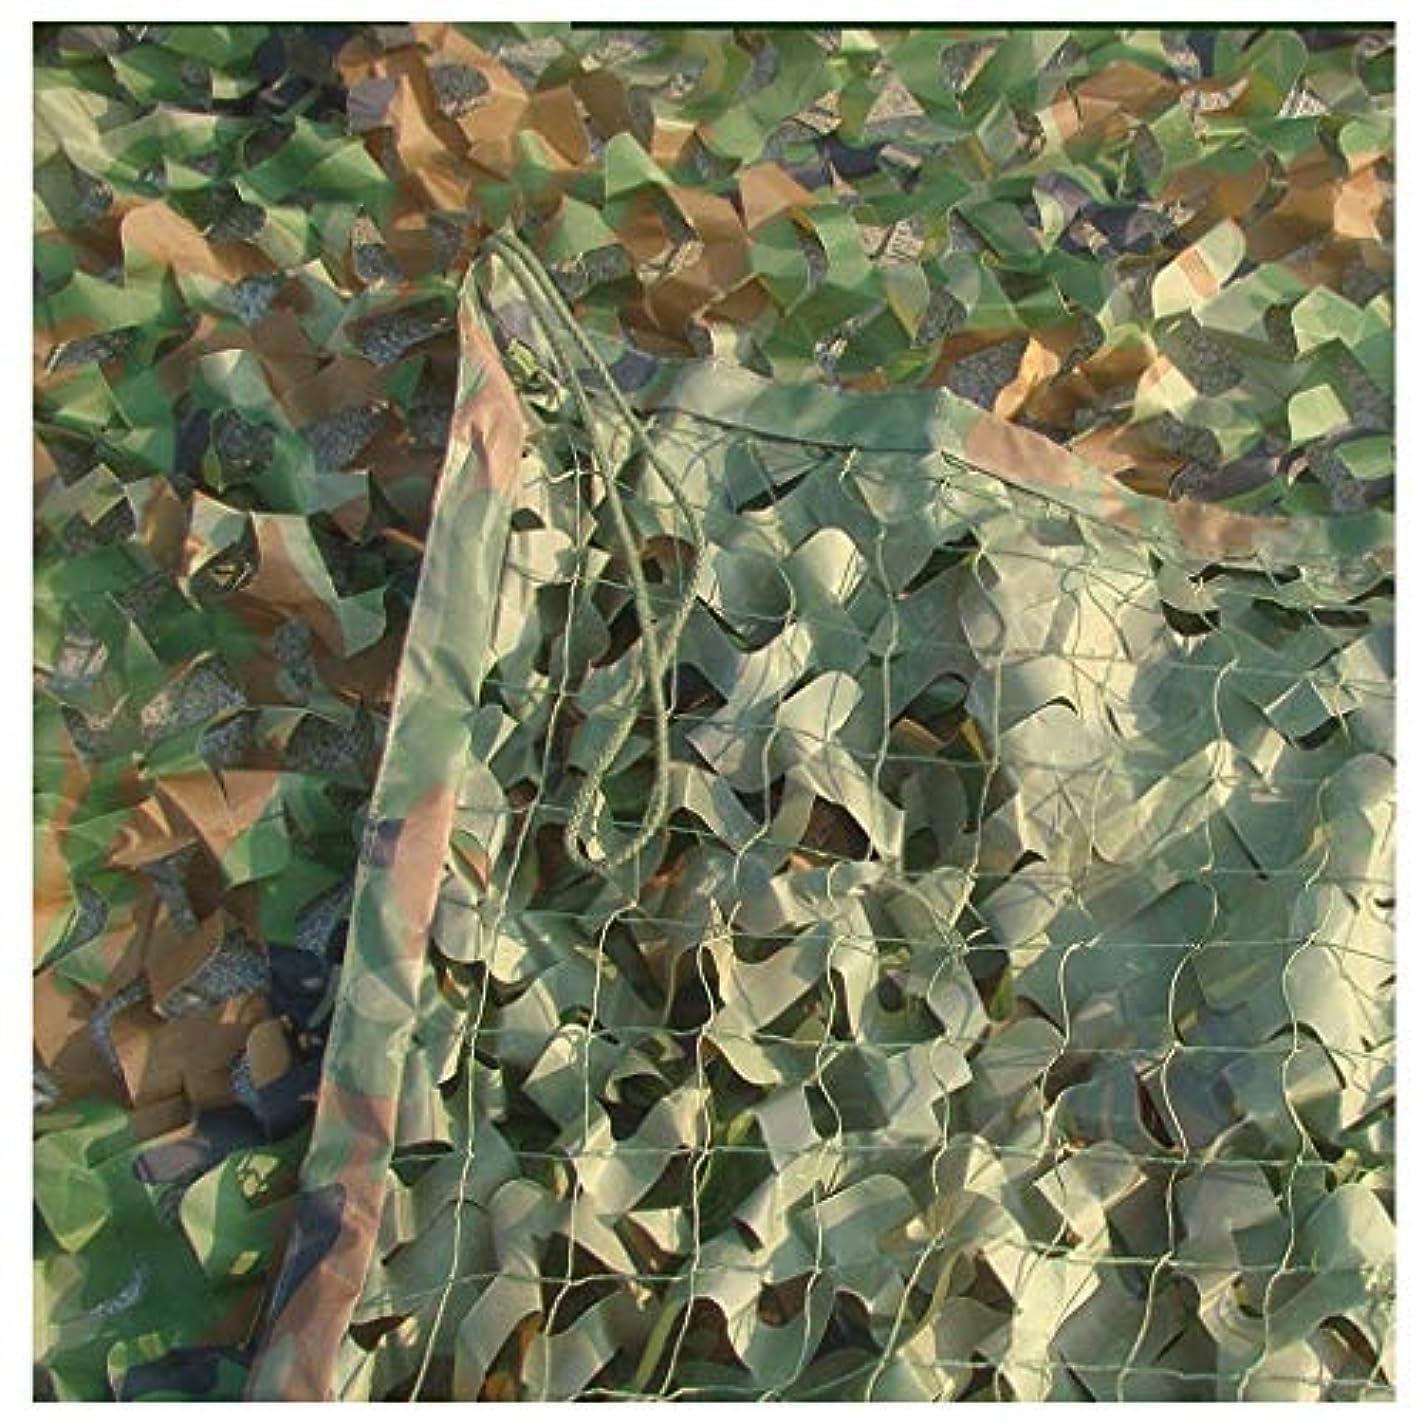 スポークスマン研究フロンティア山迷彩ネットジャングル迷彩ネット屋外シェード写真バードウォッチング迷彩ネットスタディルームバーレストランの装飾マルチサイズオプション(サイズ:2 * 3m) (サイズ さいず : 2*3m)